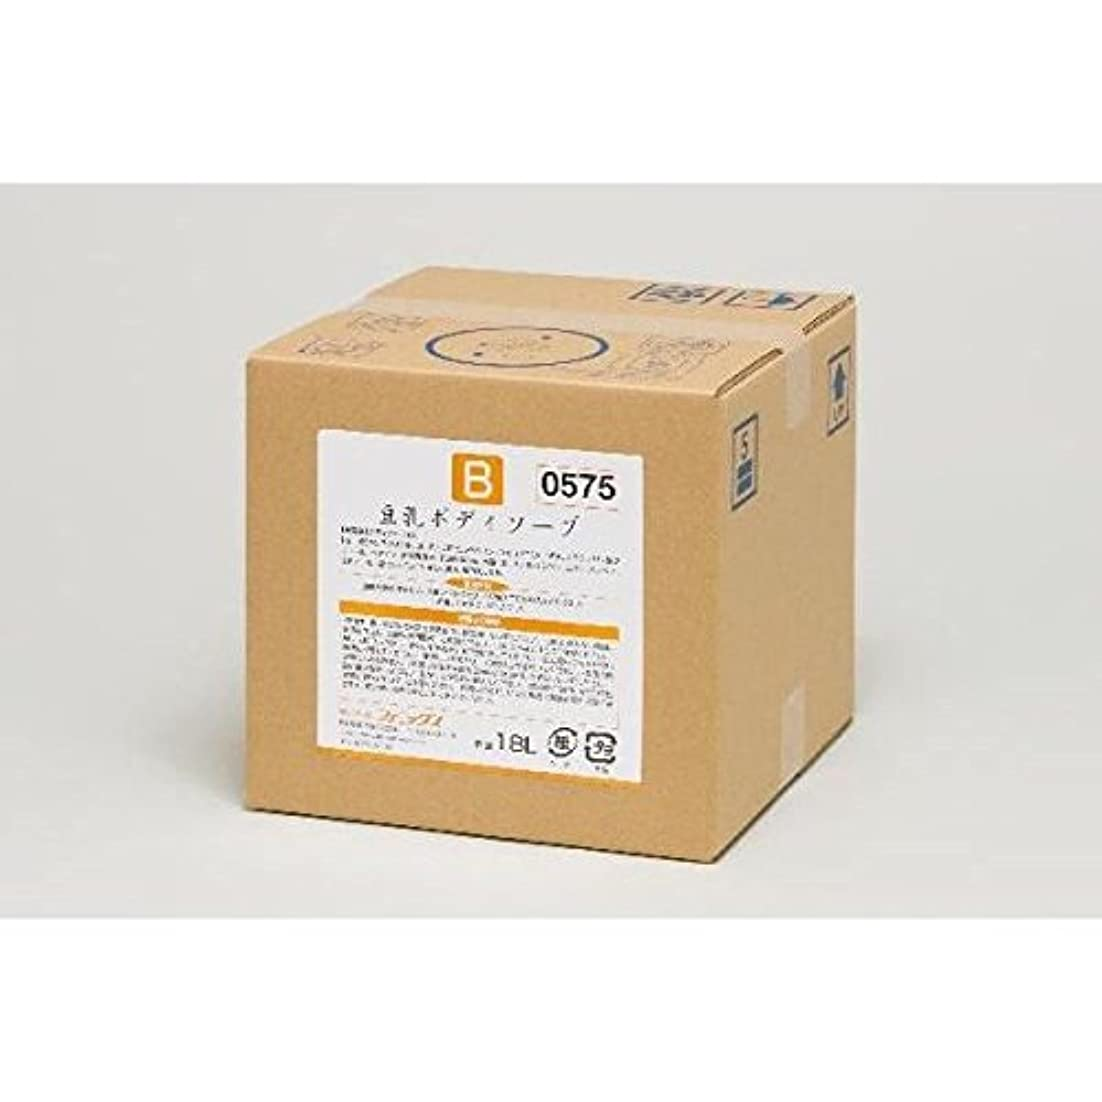 オーナー反抗争い豆乳ボディソープ / 00090575 18L 1缶